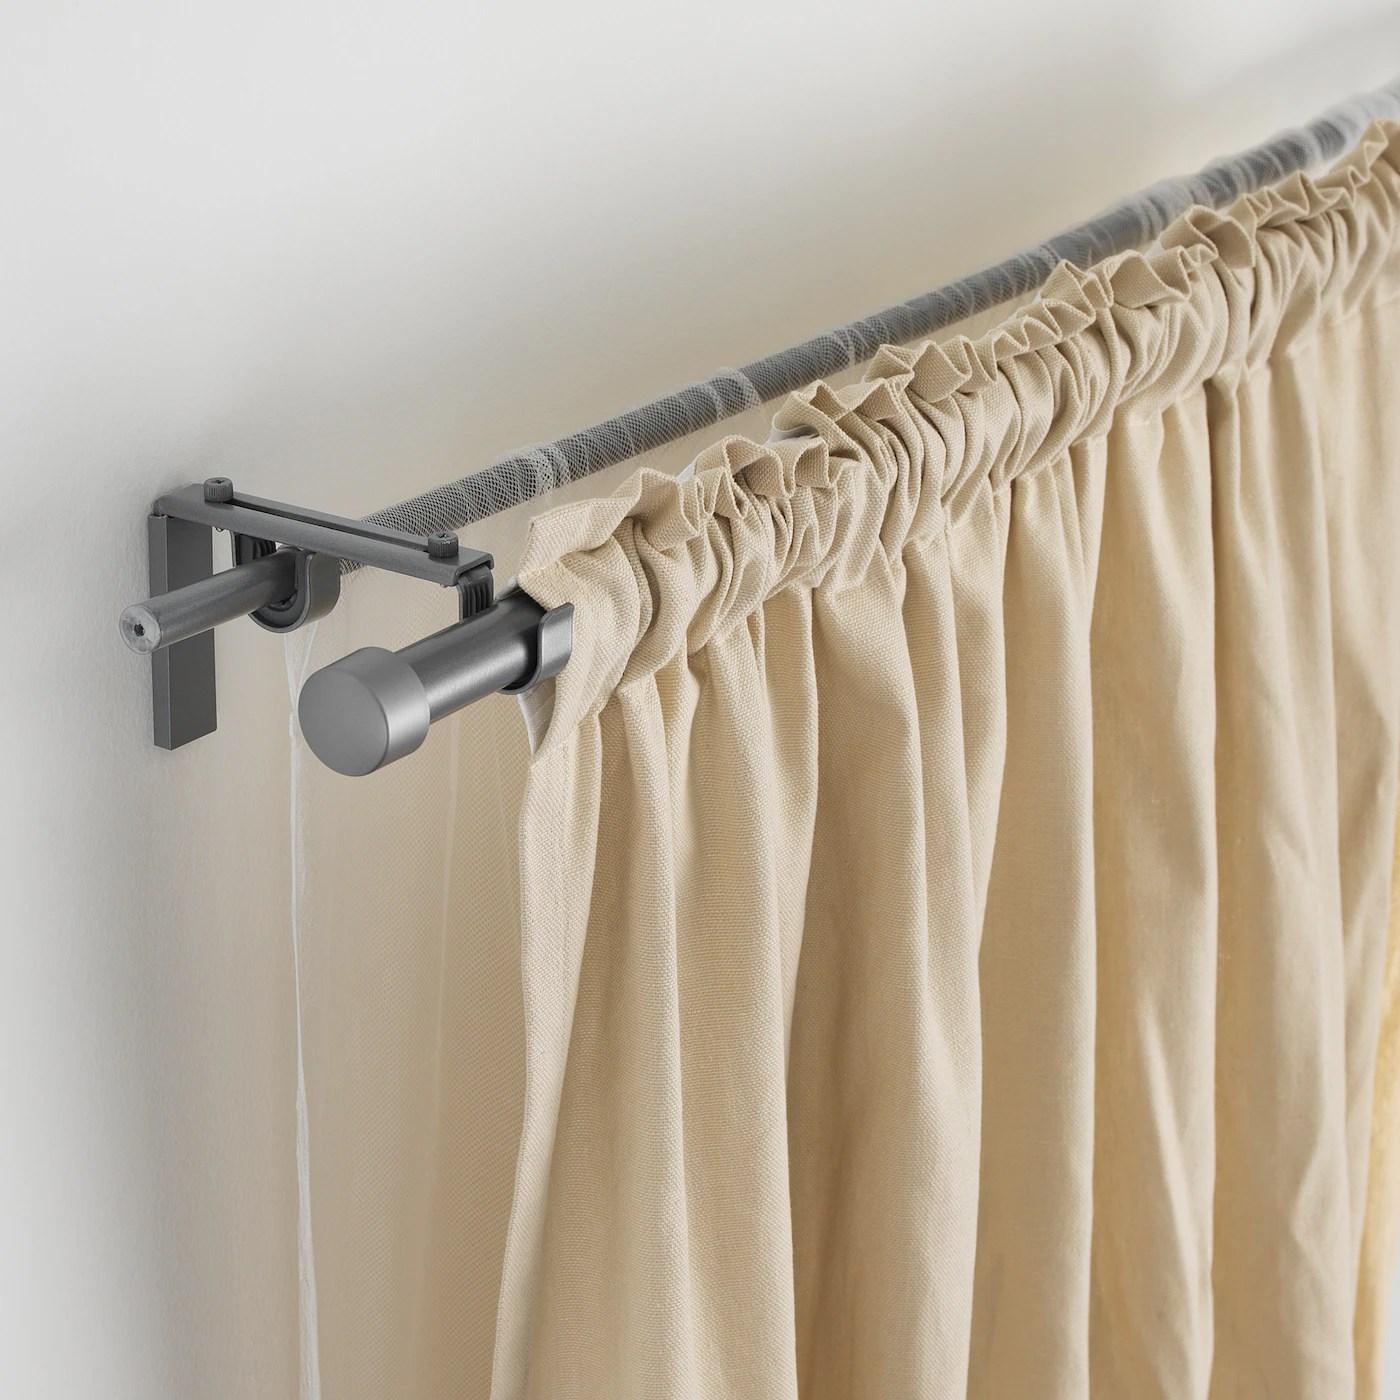 hugad tringle a rideau couleur argent 120 210 cm